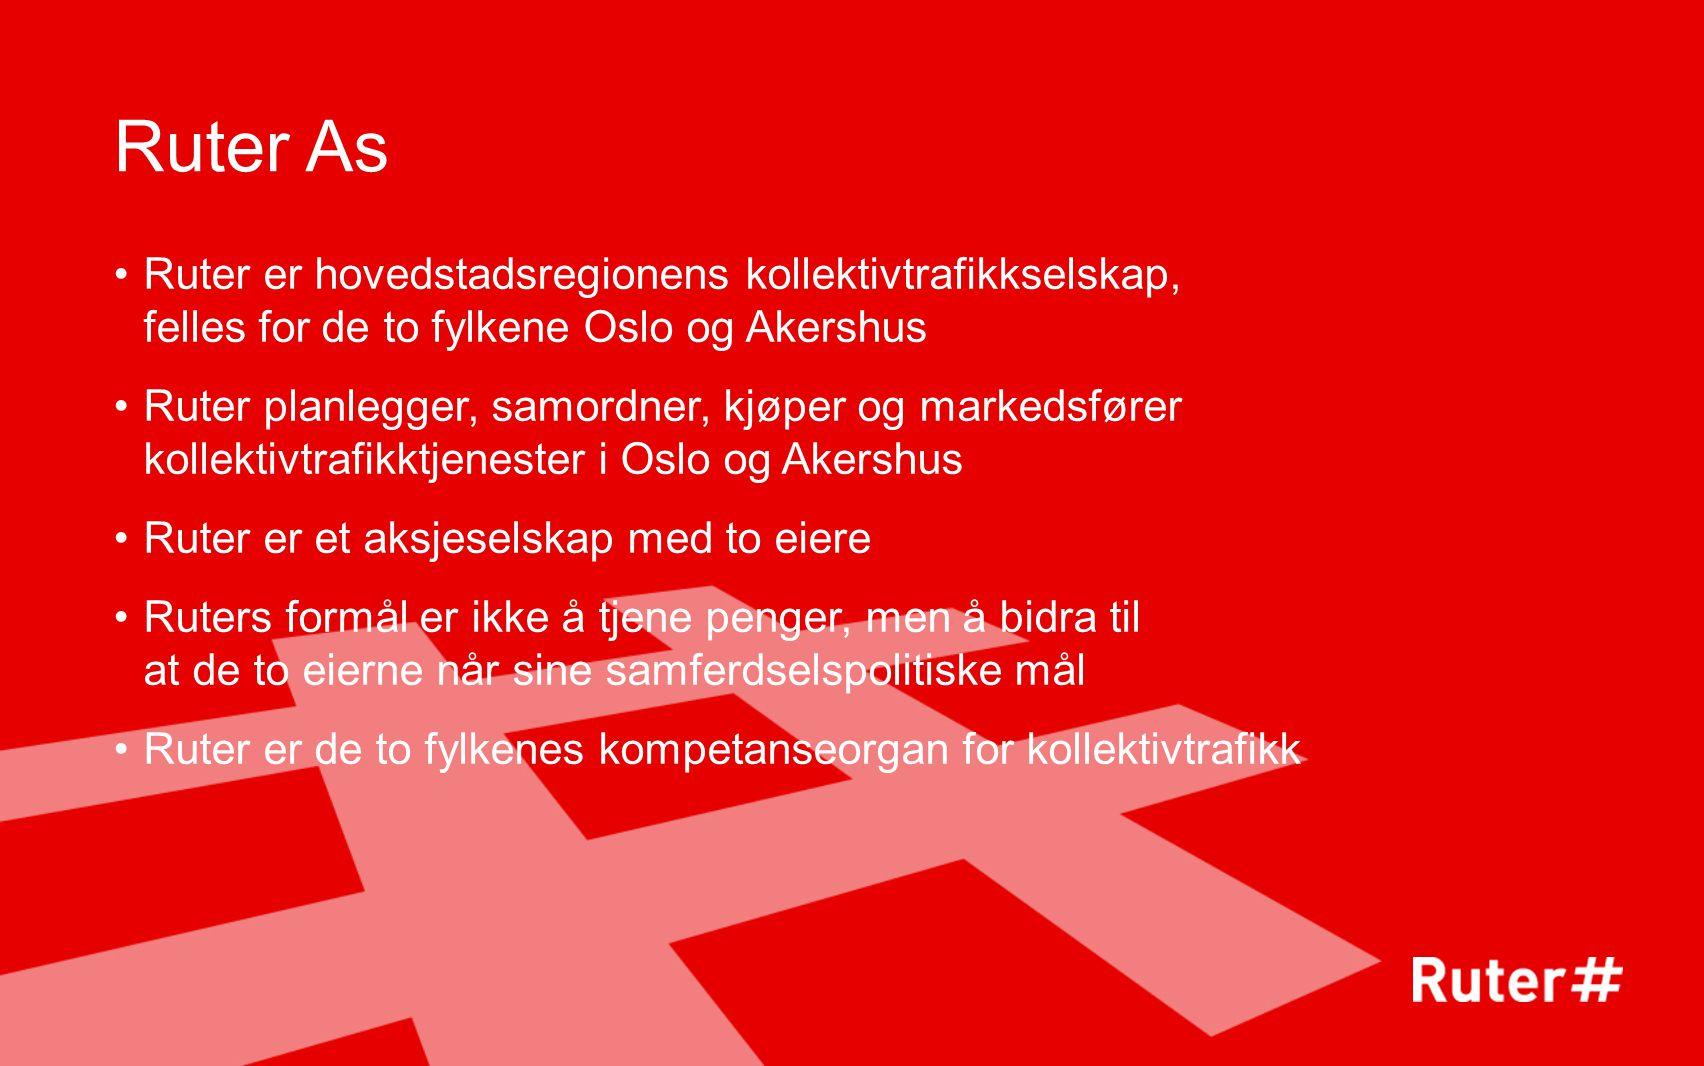 Ruter As Ruter er hovedstadsregionens kollektivtrafikkselskap, felles for de to fylkene Oslo og Akershus.